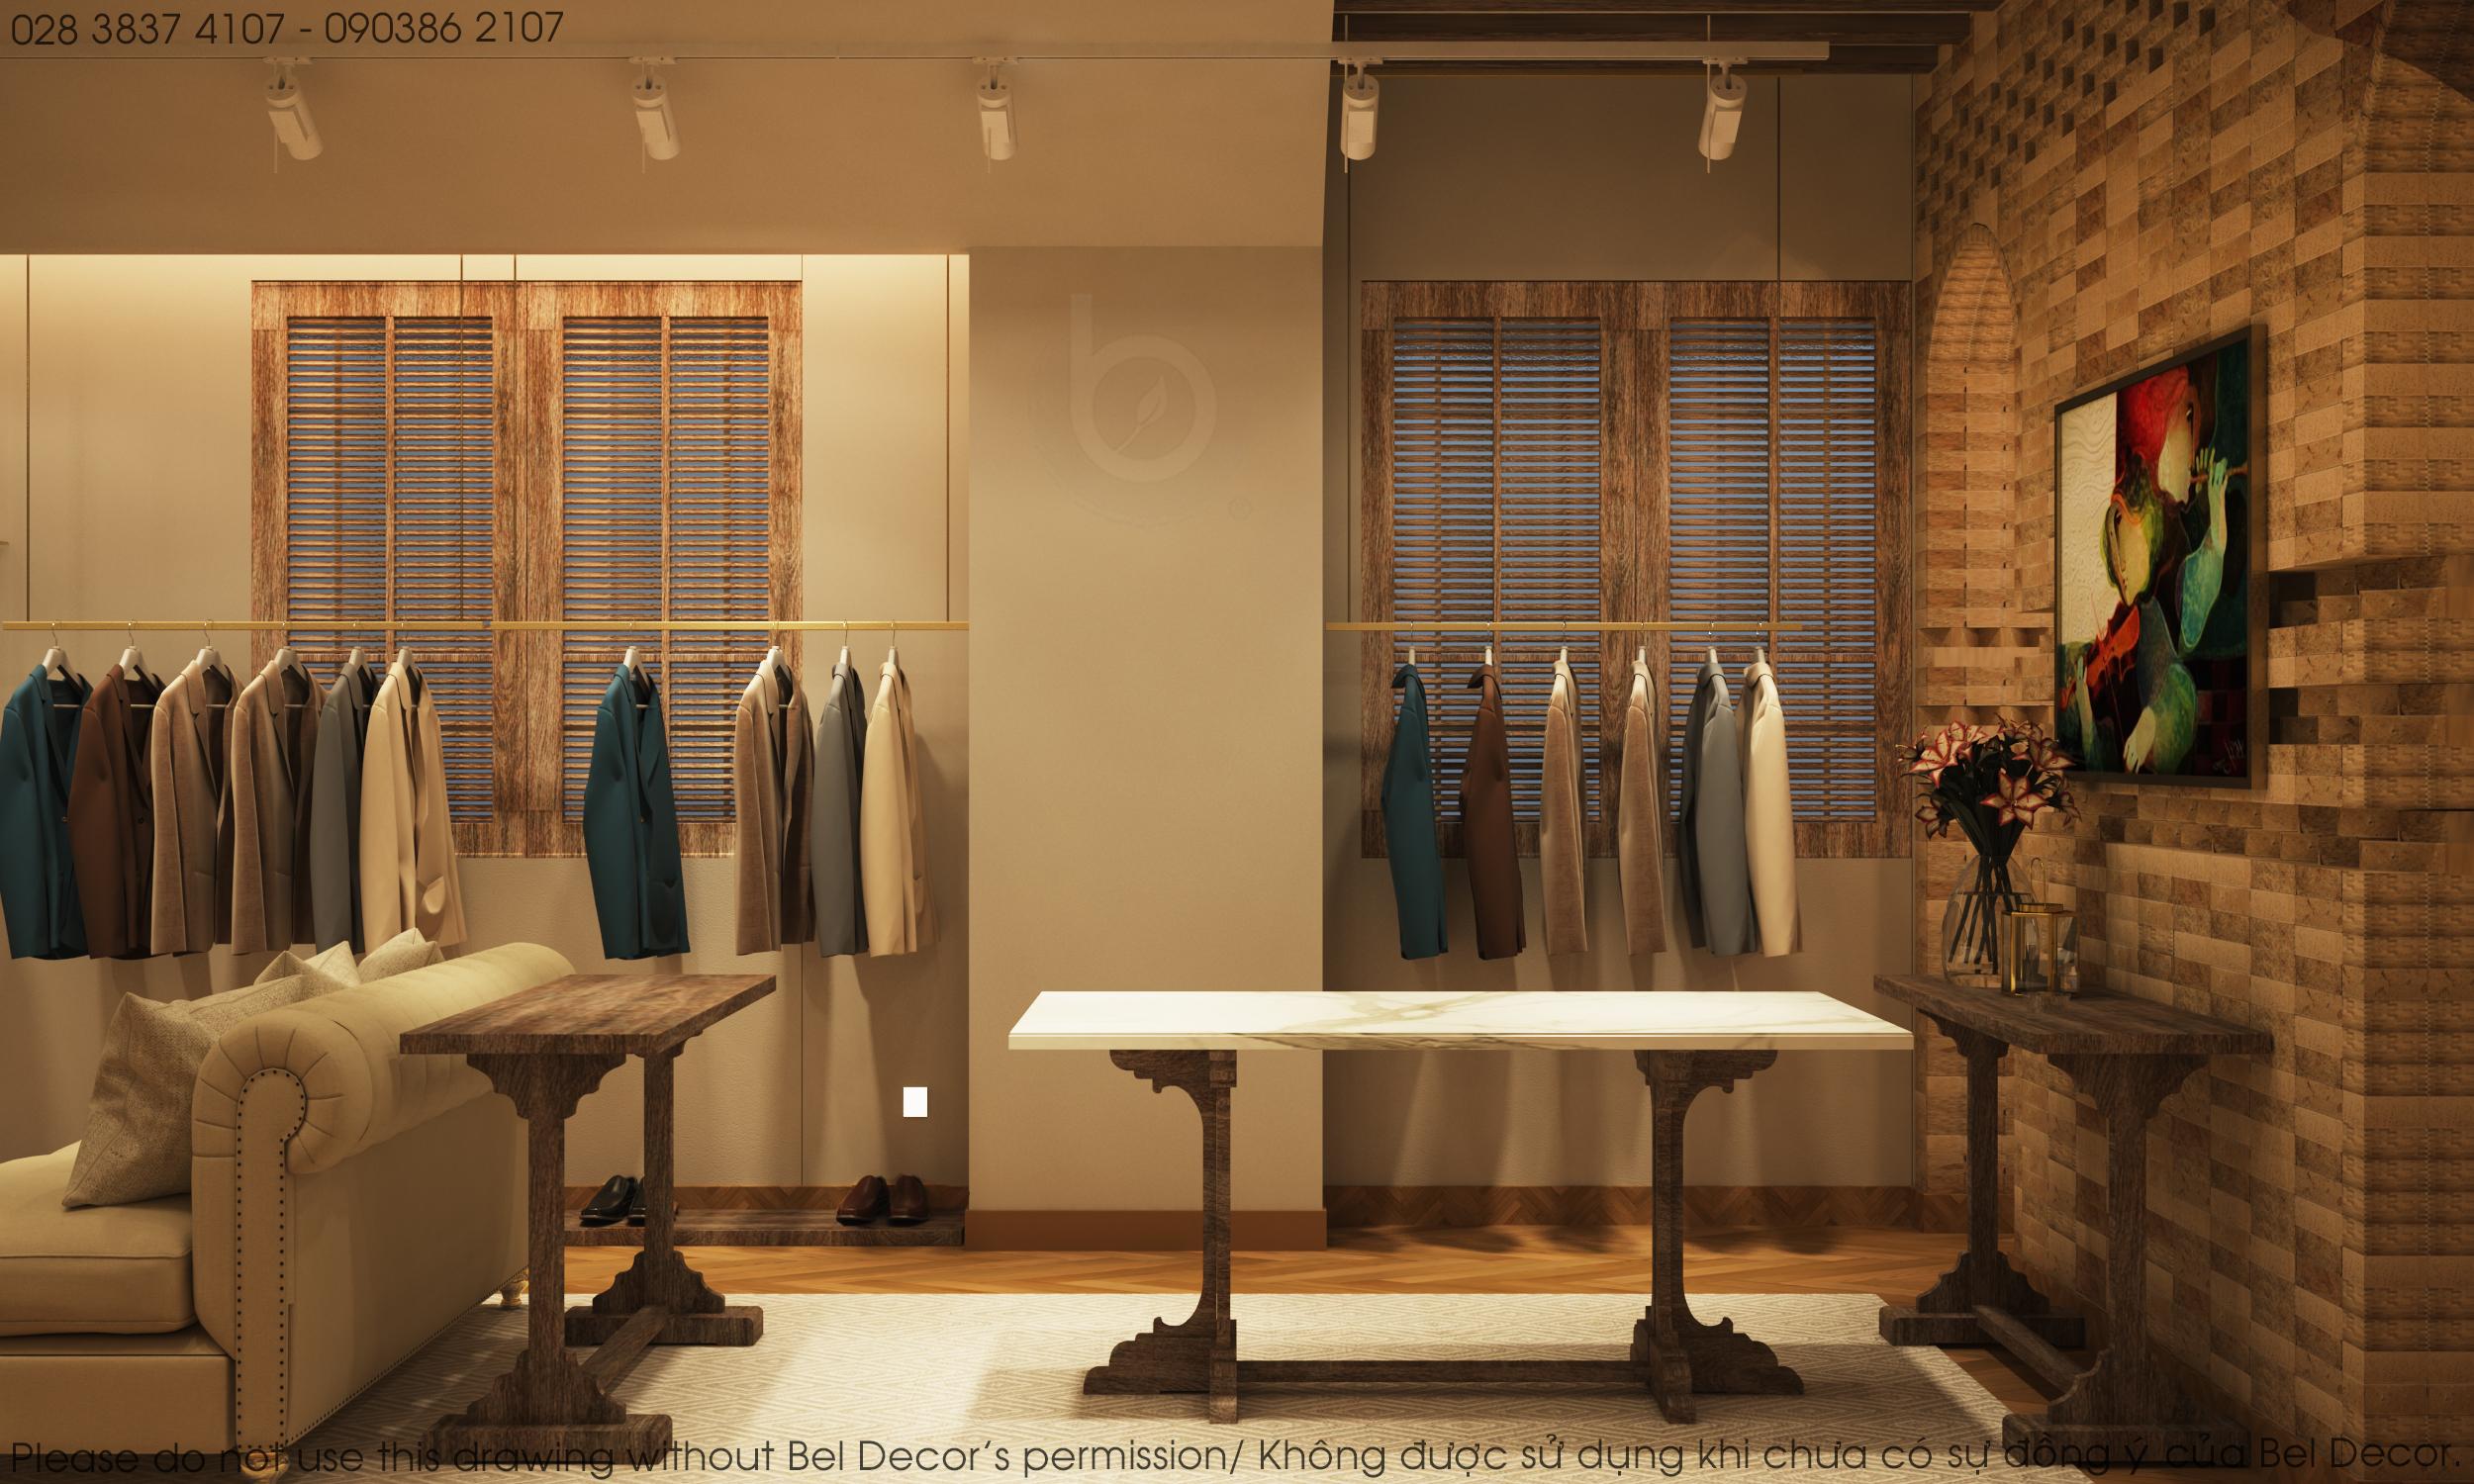 thiết kế nội thất Shop tại Hồ Chí Minh Thiết kế nội - ngoại thất Fashion Shop Antonio 7 1537428727